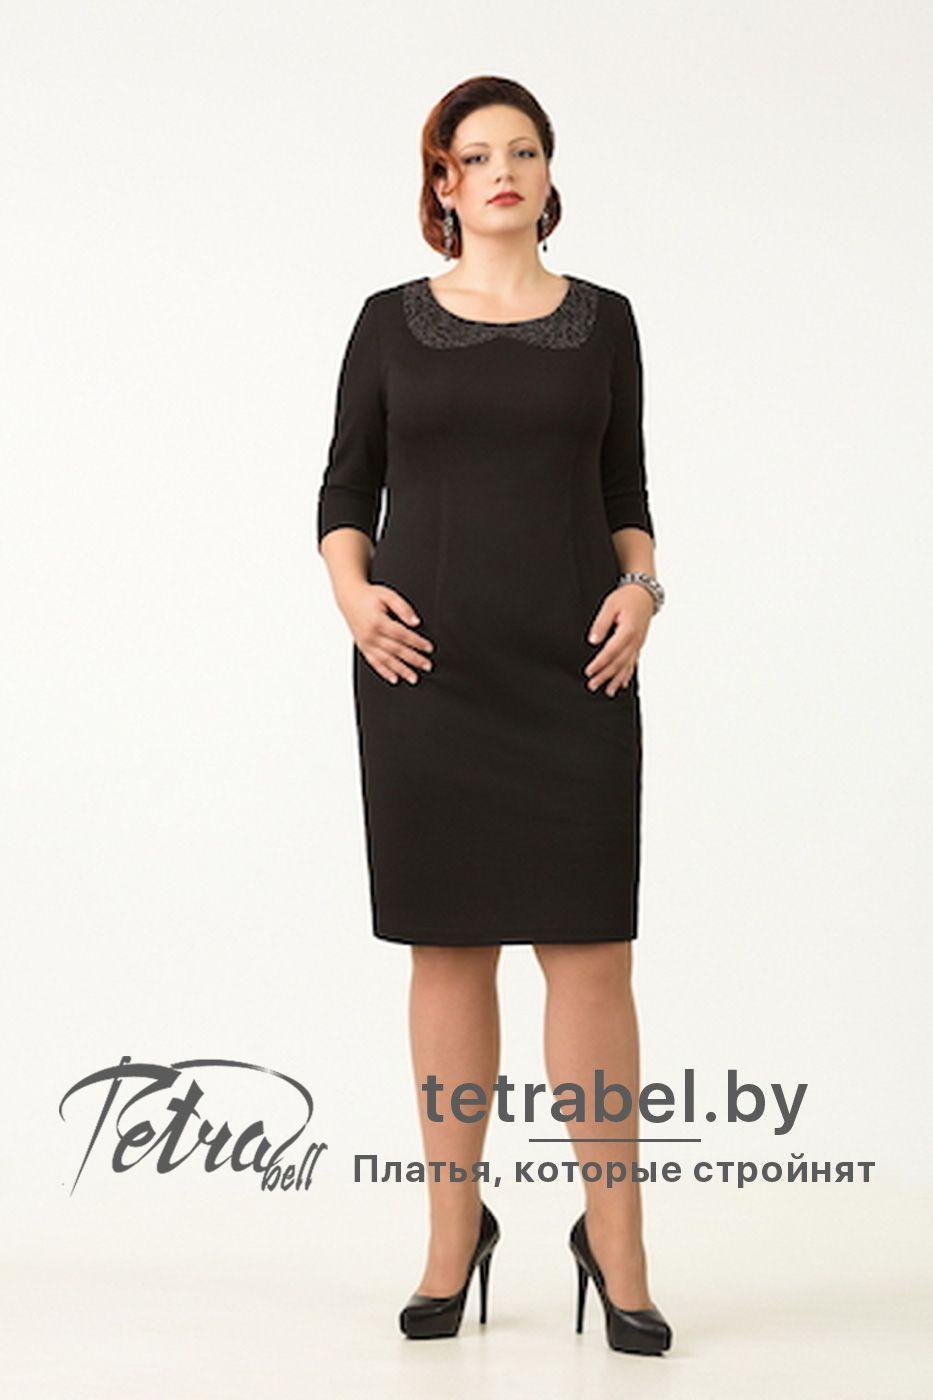 3041baef174 Стильное маленькое черное платье-футляр с рукавами в три четверти из  трикотажного жаккарда. Платья больших размеров от tetrabel.by.